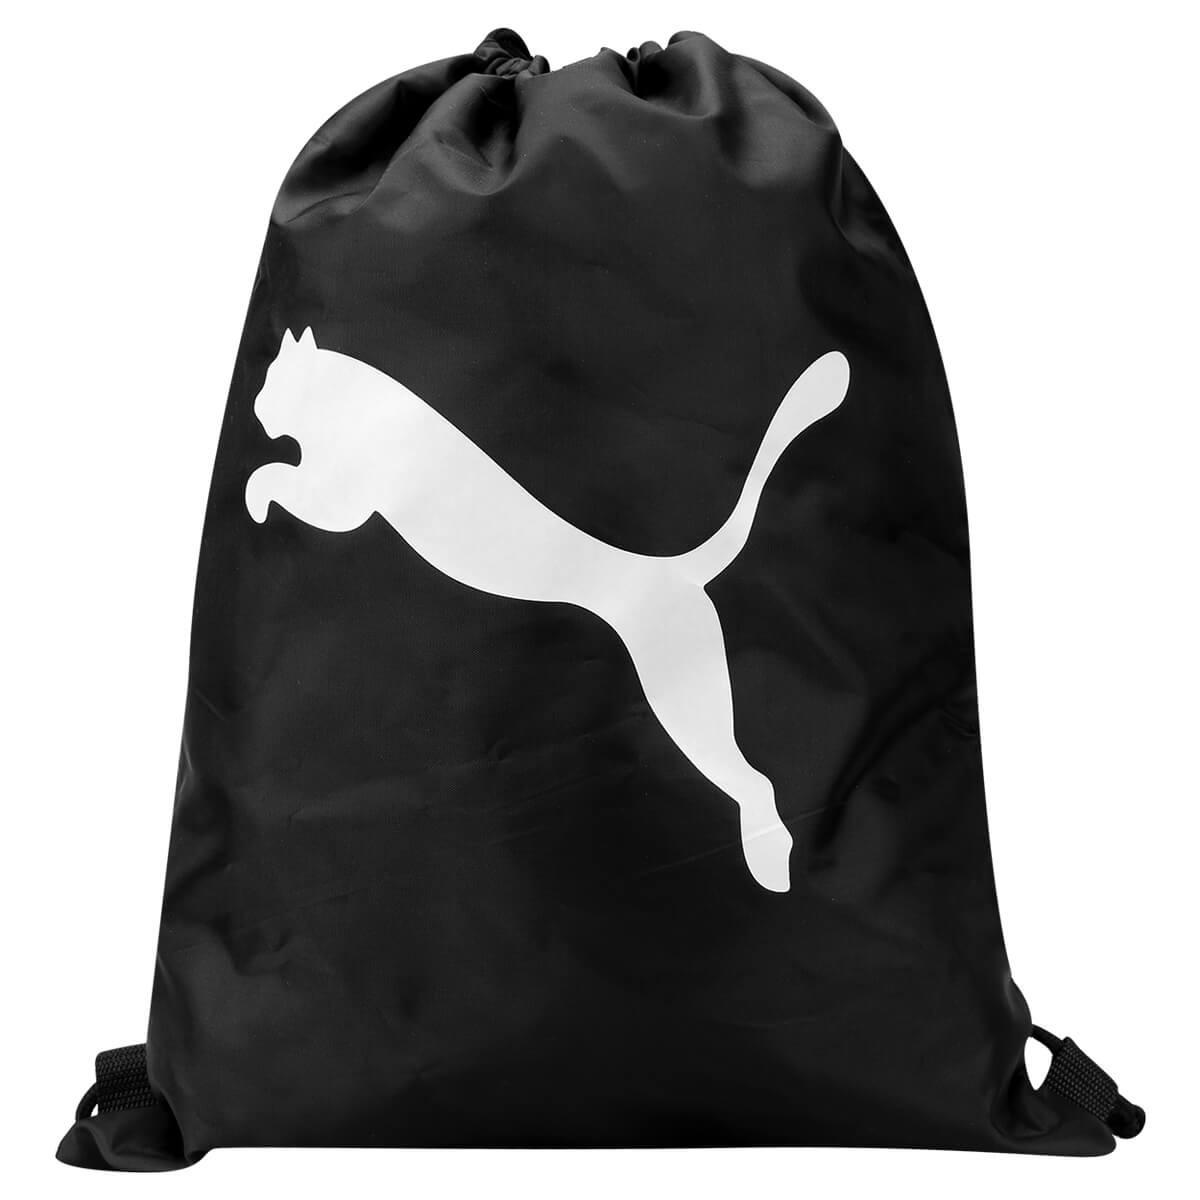 d1b5e7a886 Sacola Puma Training Gym Sack - Original - 111284 - R  96